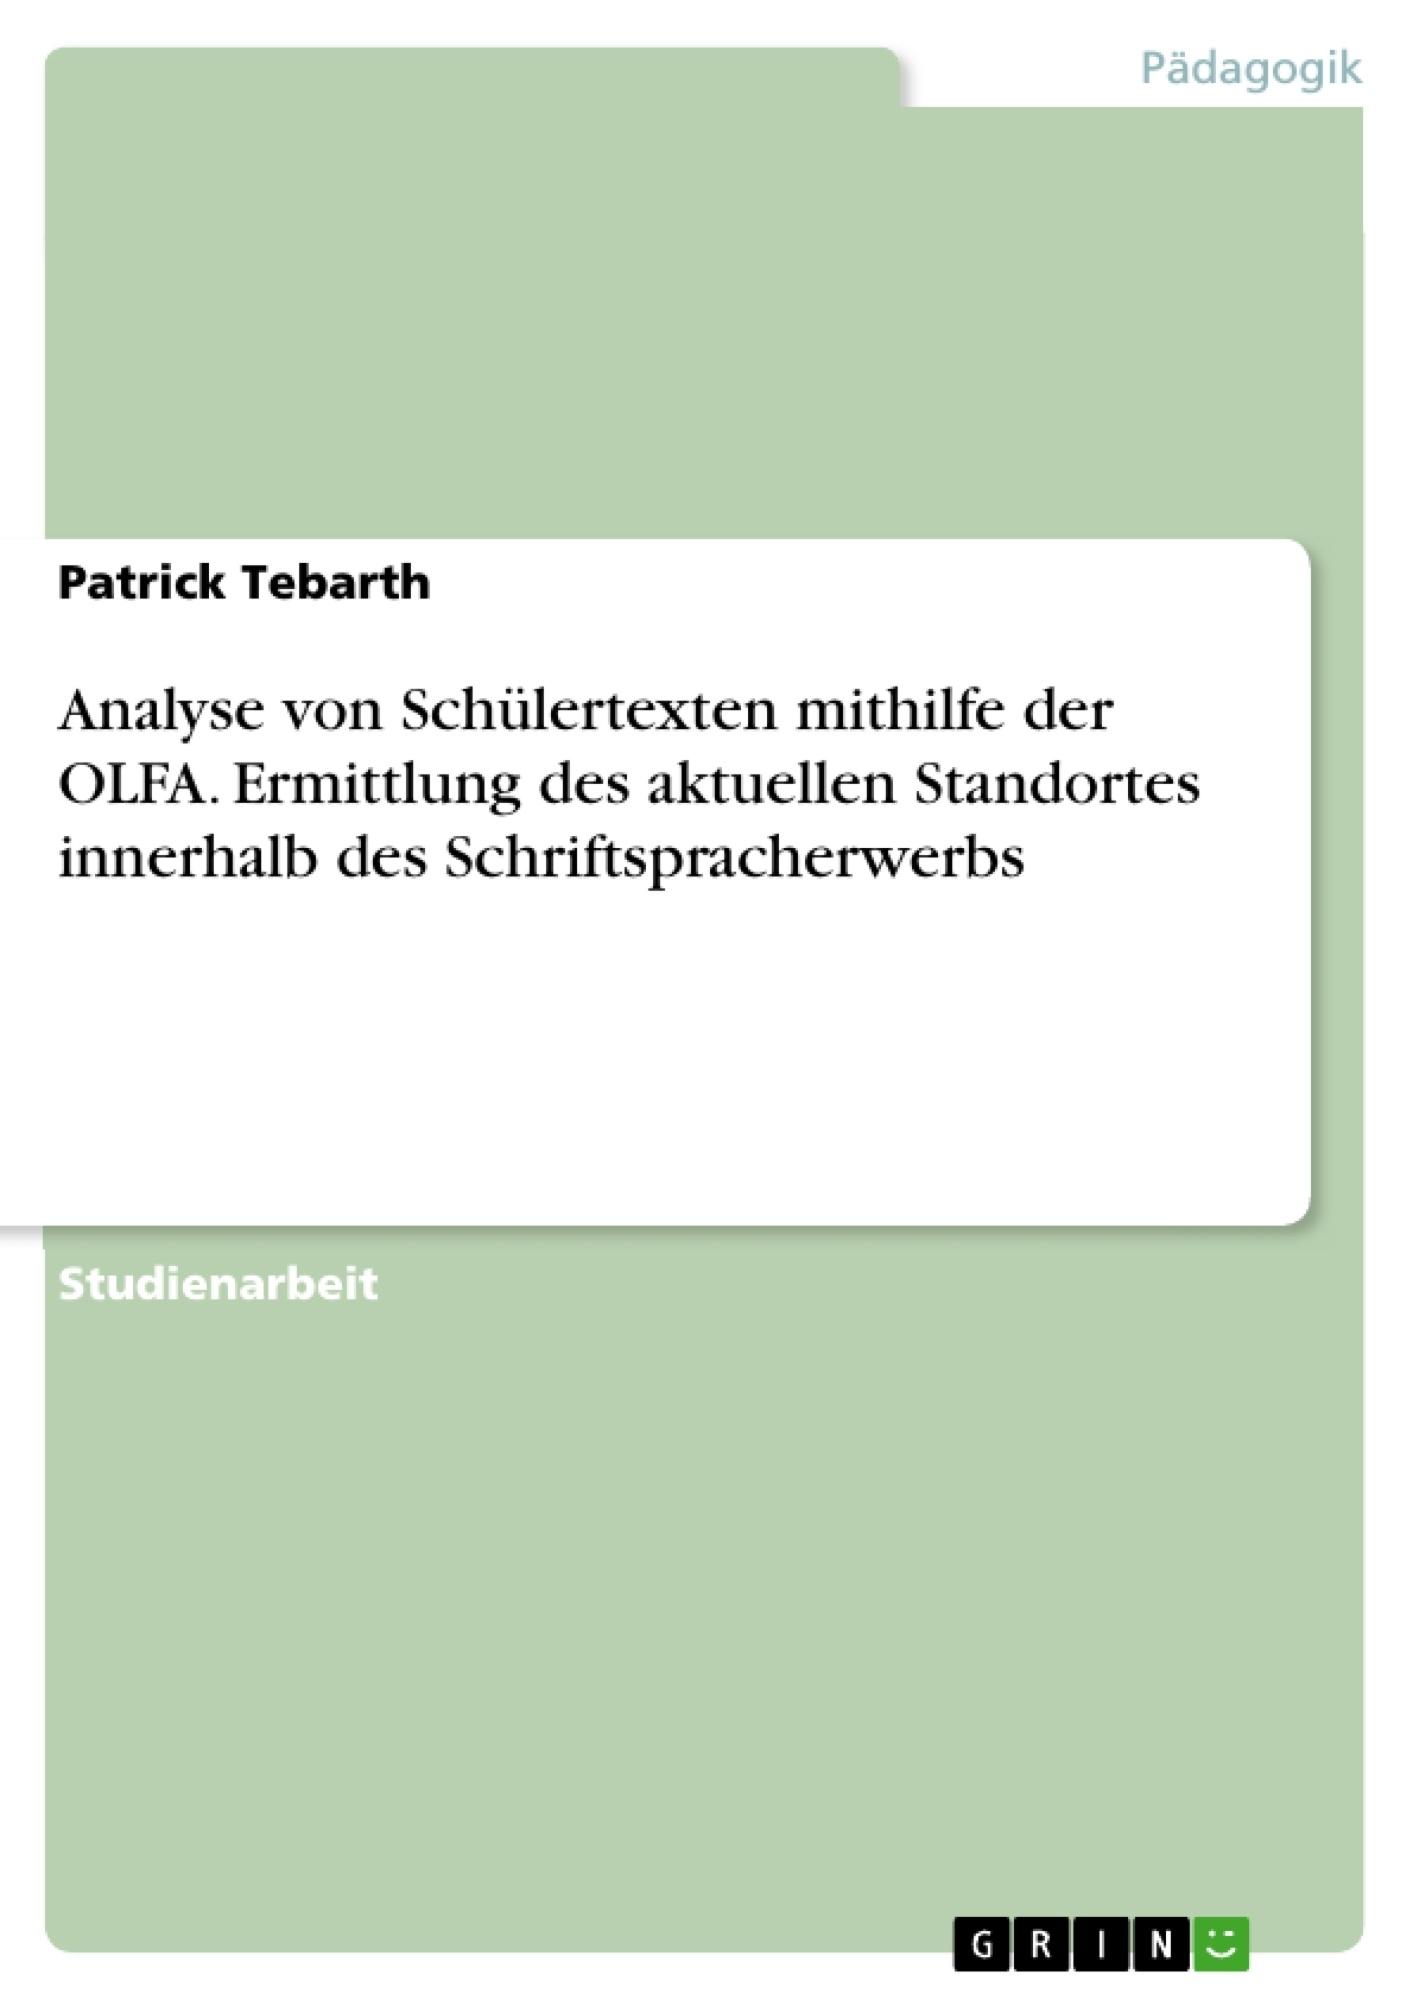 Titel: Analyse von Schülertexten mithilfe der OLFA. Ermittlung des aktuellen Standortes innerhalb des Schriftspracherwerbs